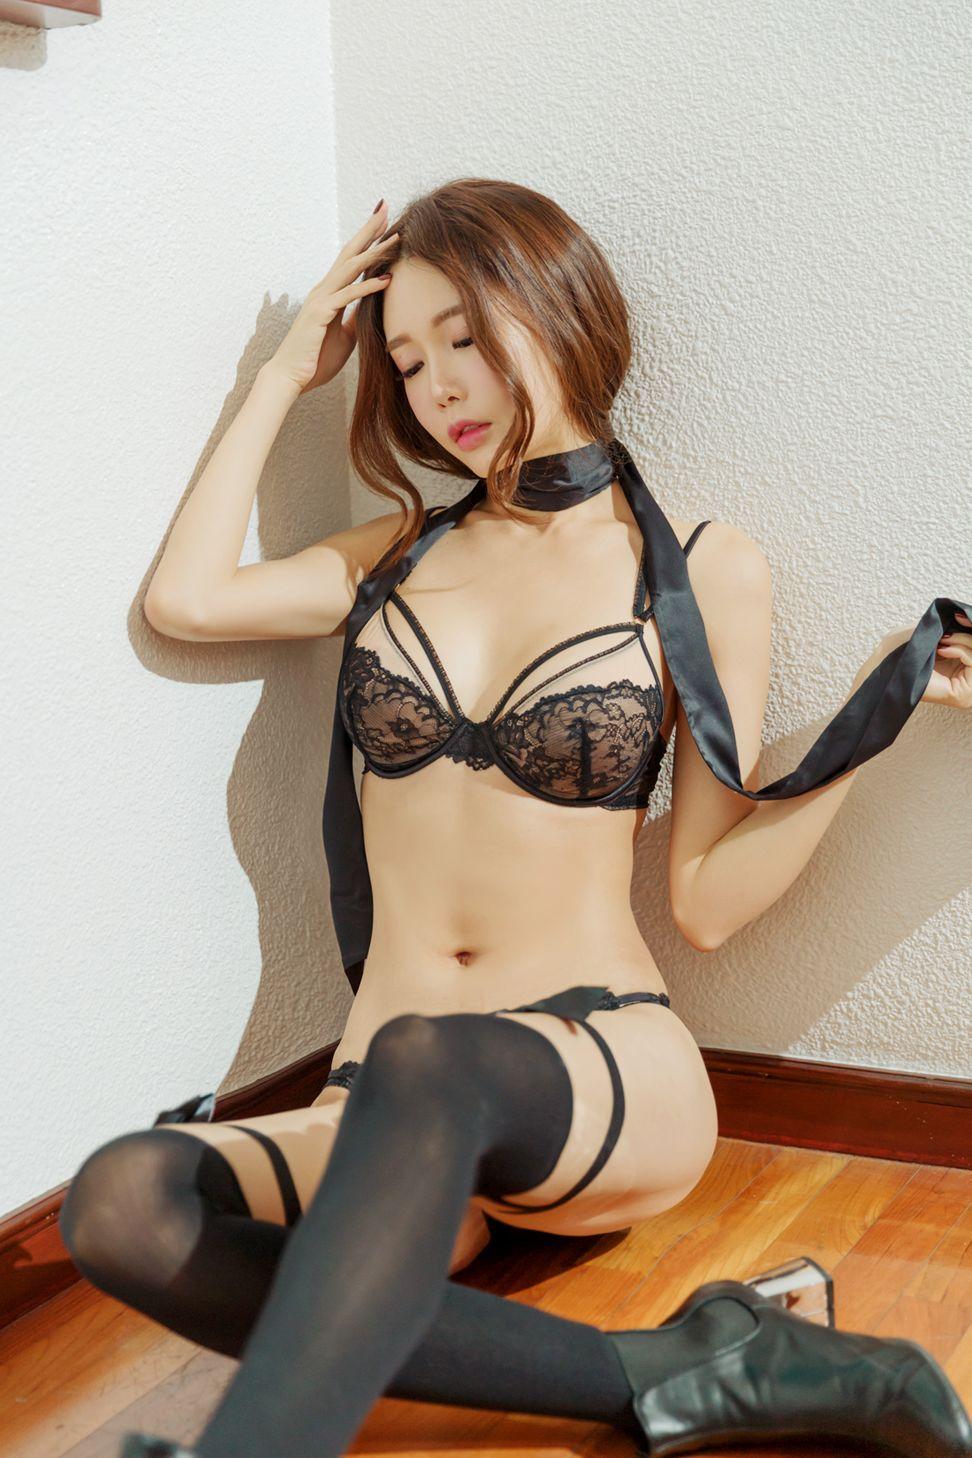 cool Korean girl - Yoon AeJi